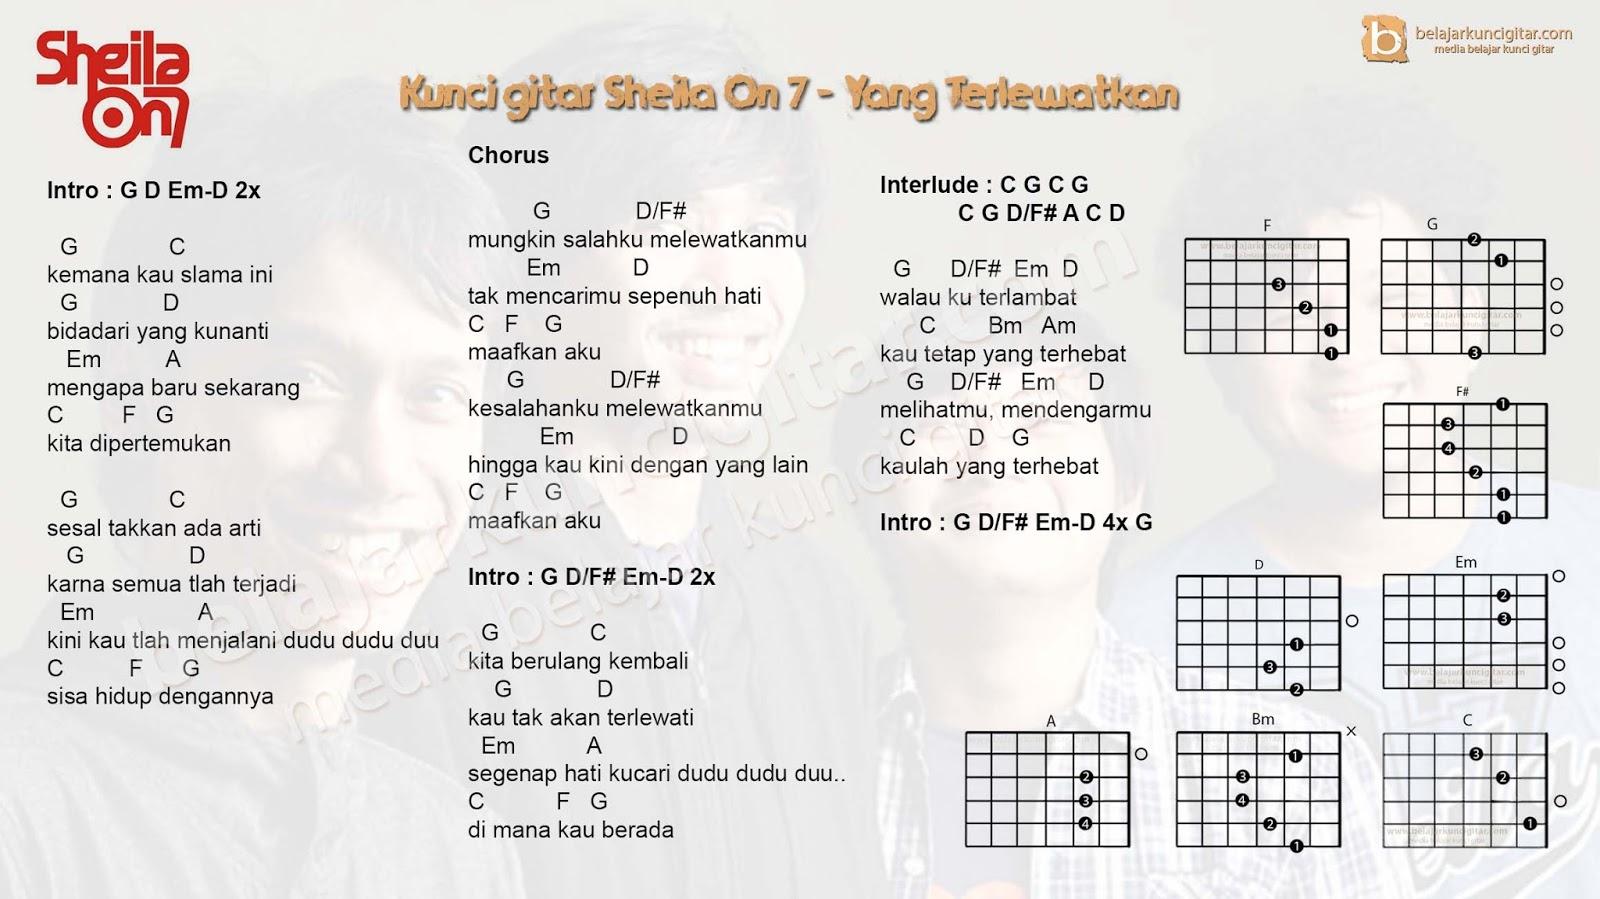 Chord Gitar Yang Terlewatkan